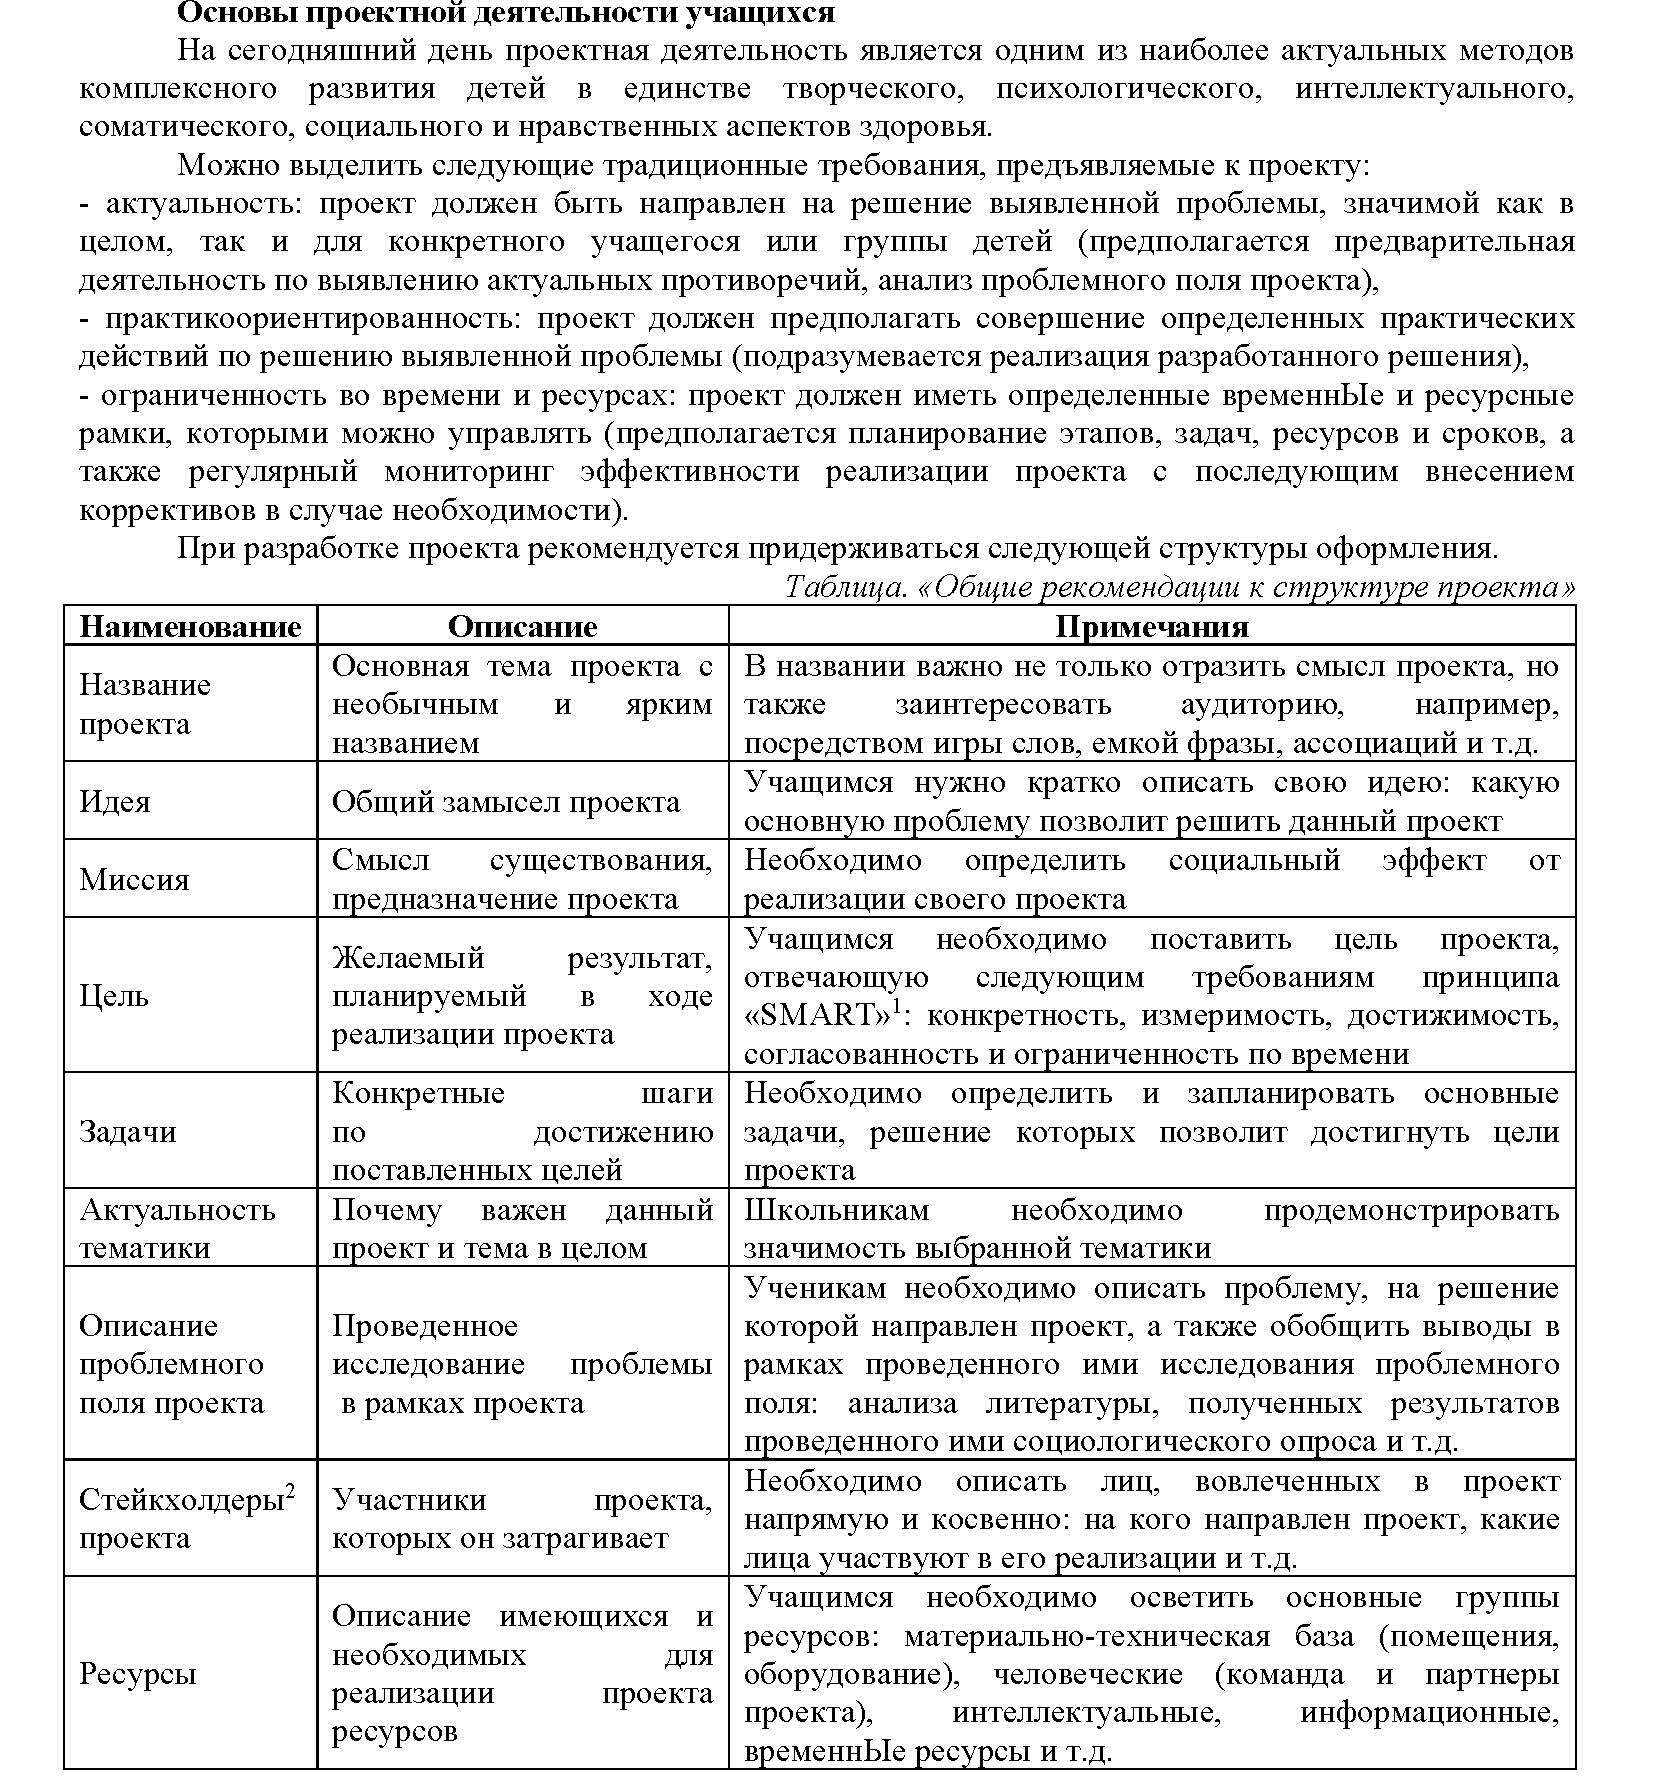 МФО и др._Страница_14